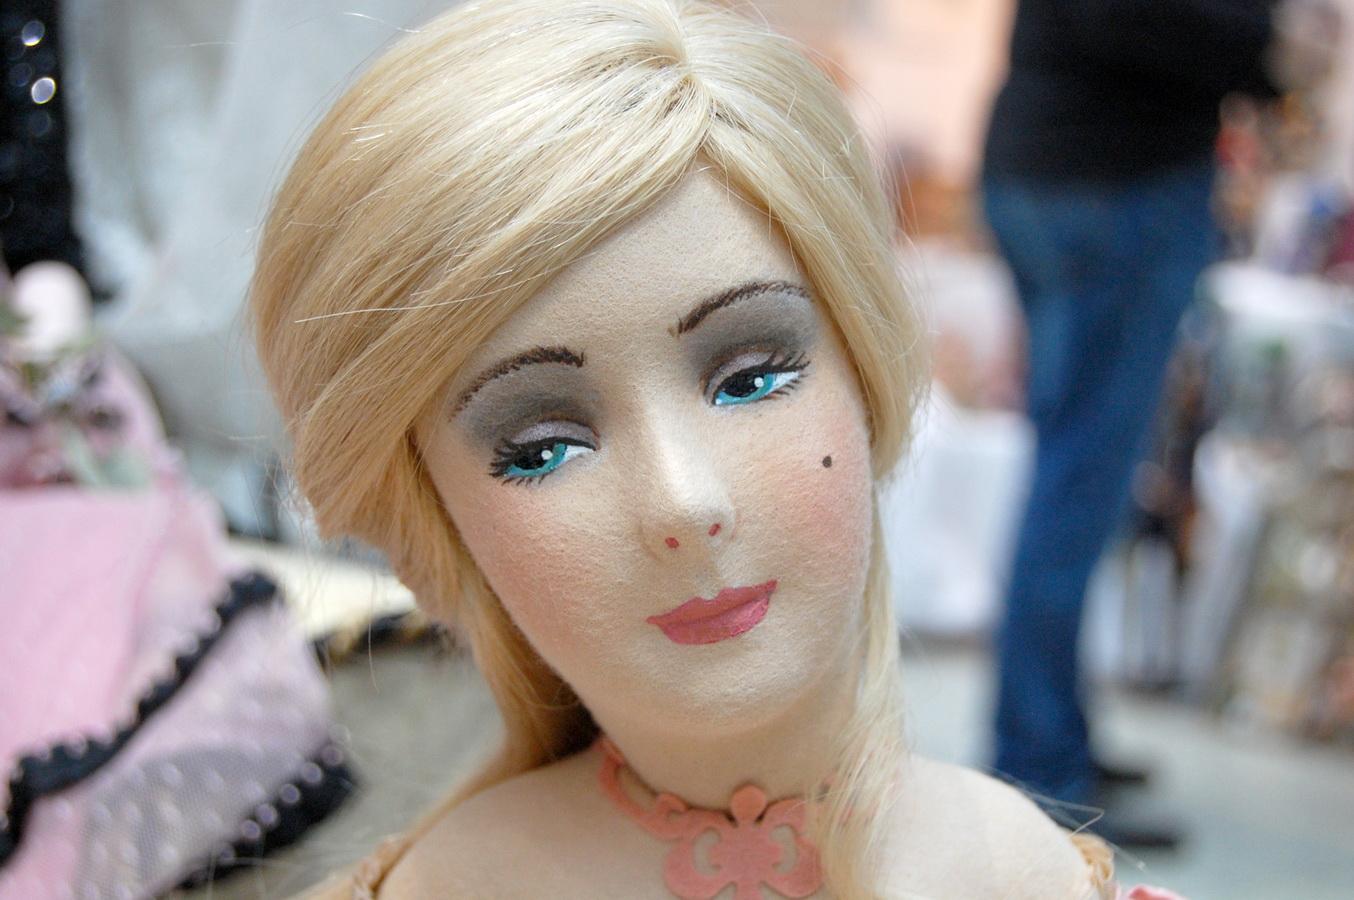 фотография головы фетровой куклы